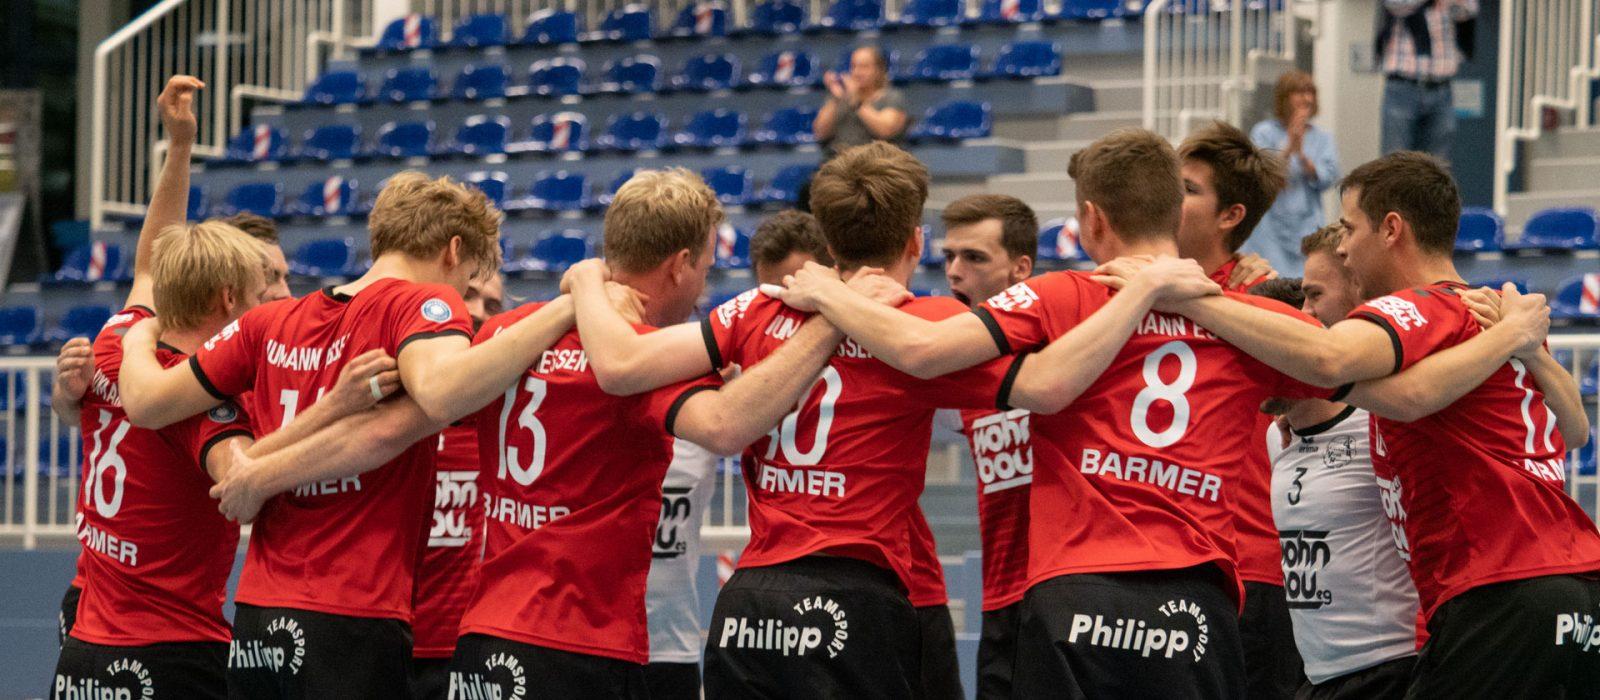 Foto: 1. Herren freut sich nach ersten Saisonsieg gegen USC Braunschweig